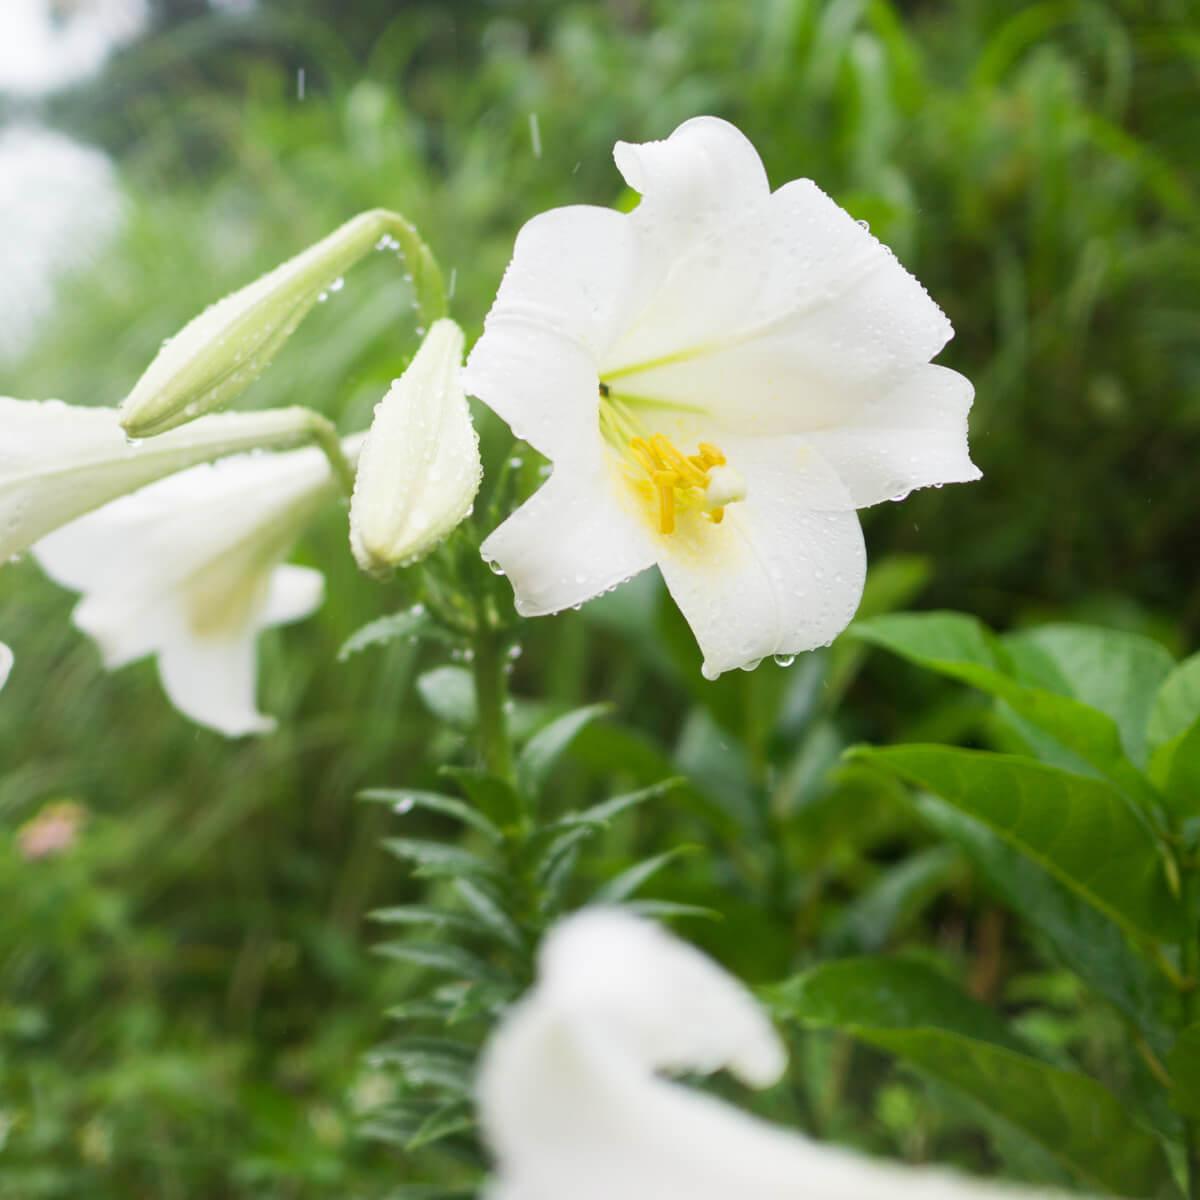 屋久島の百合 雨 屋久島花とジュエリーと オーダーメイドジュエリーのモチーフ